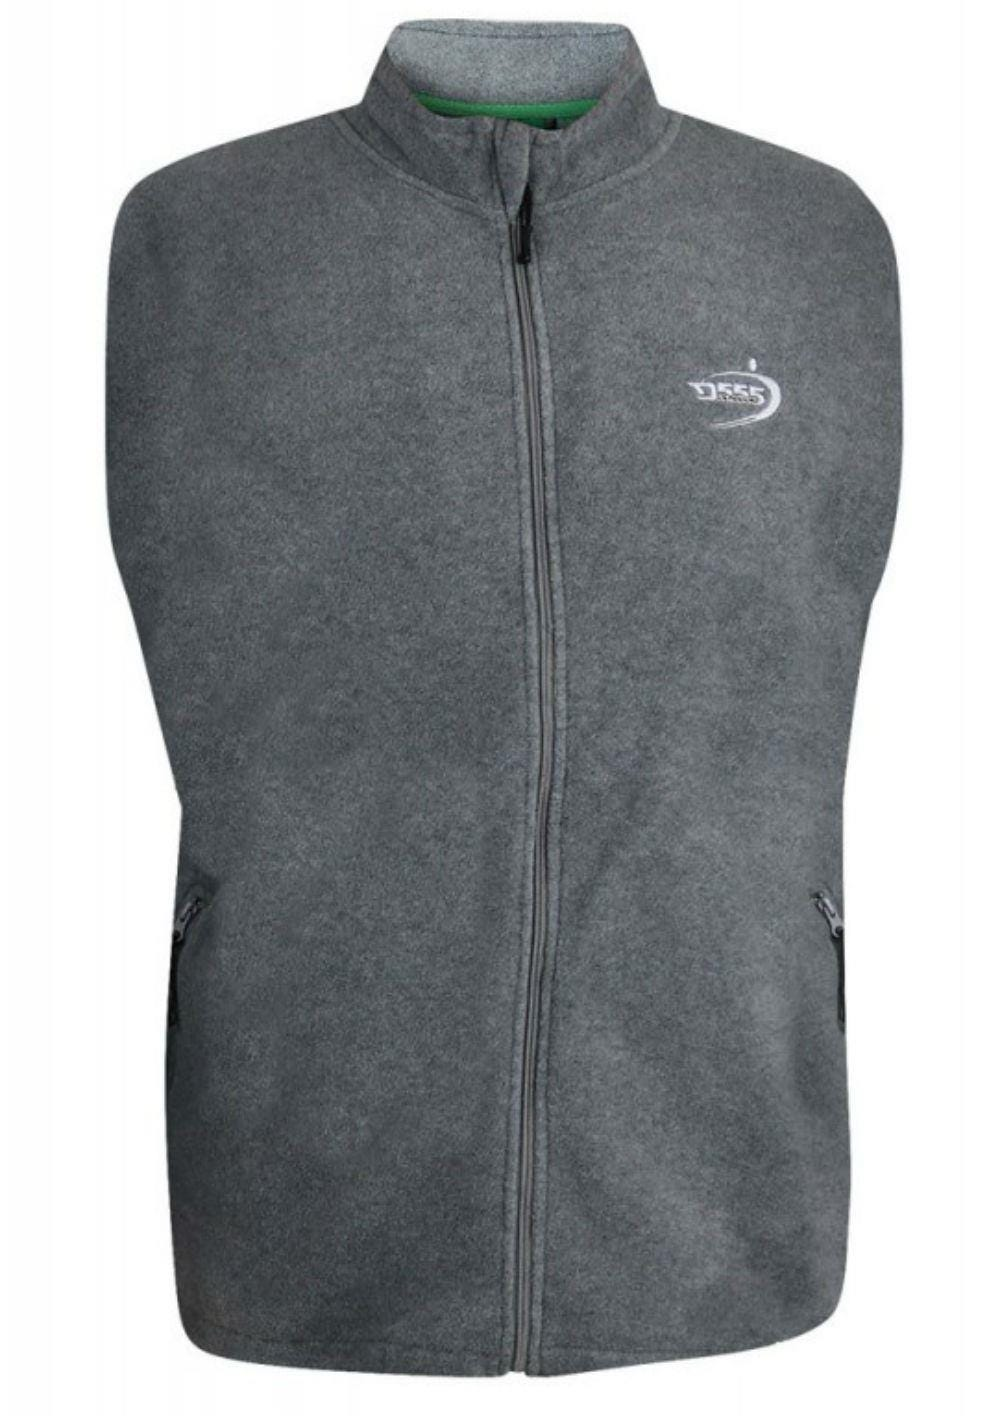 D555 Benjamin Full Zipper Antipeel Fleece Gilet Charcoal|3XL